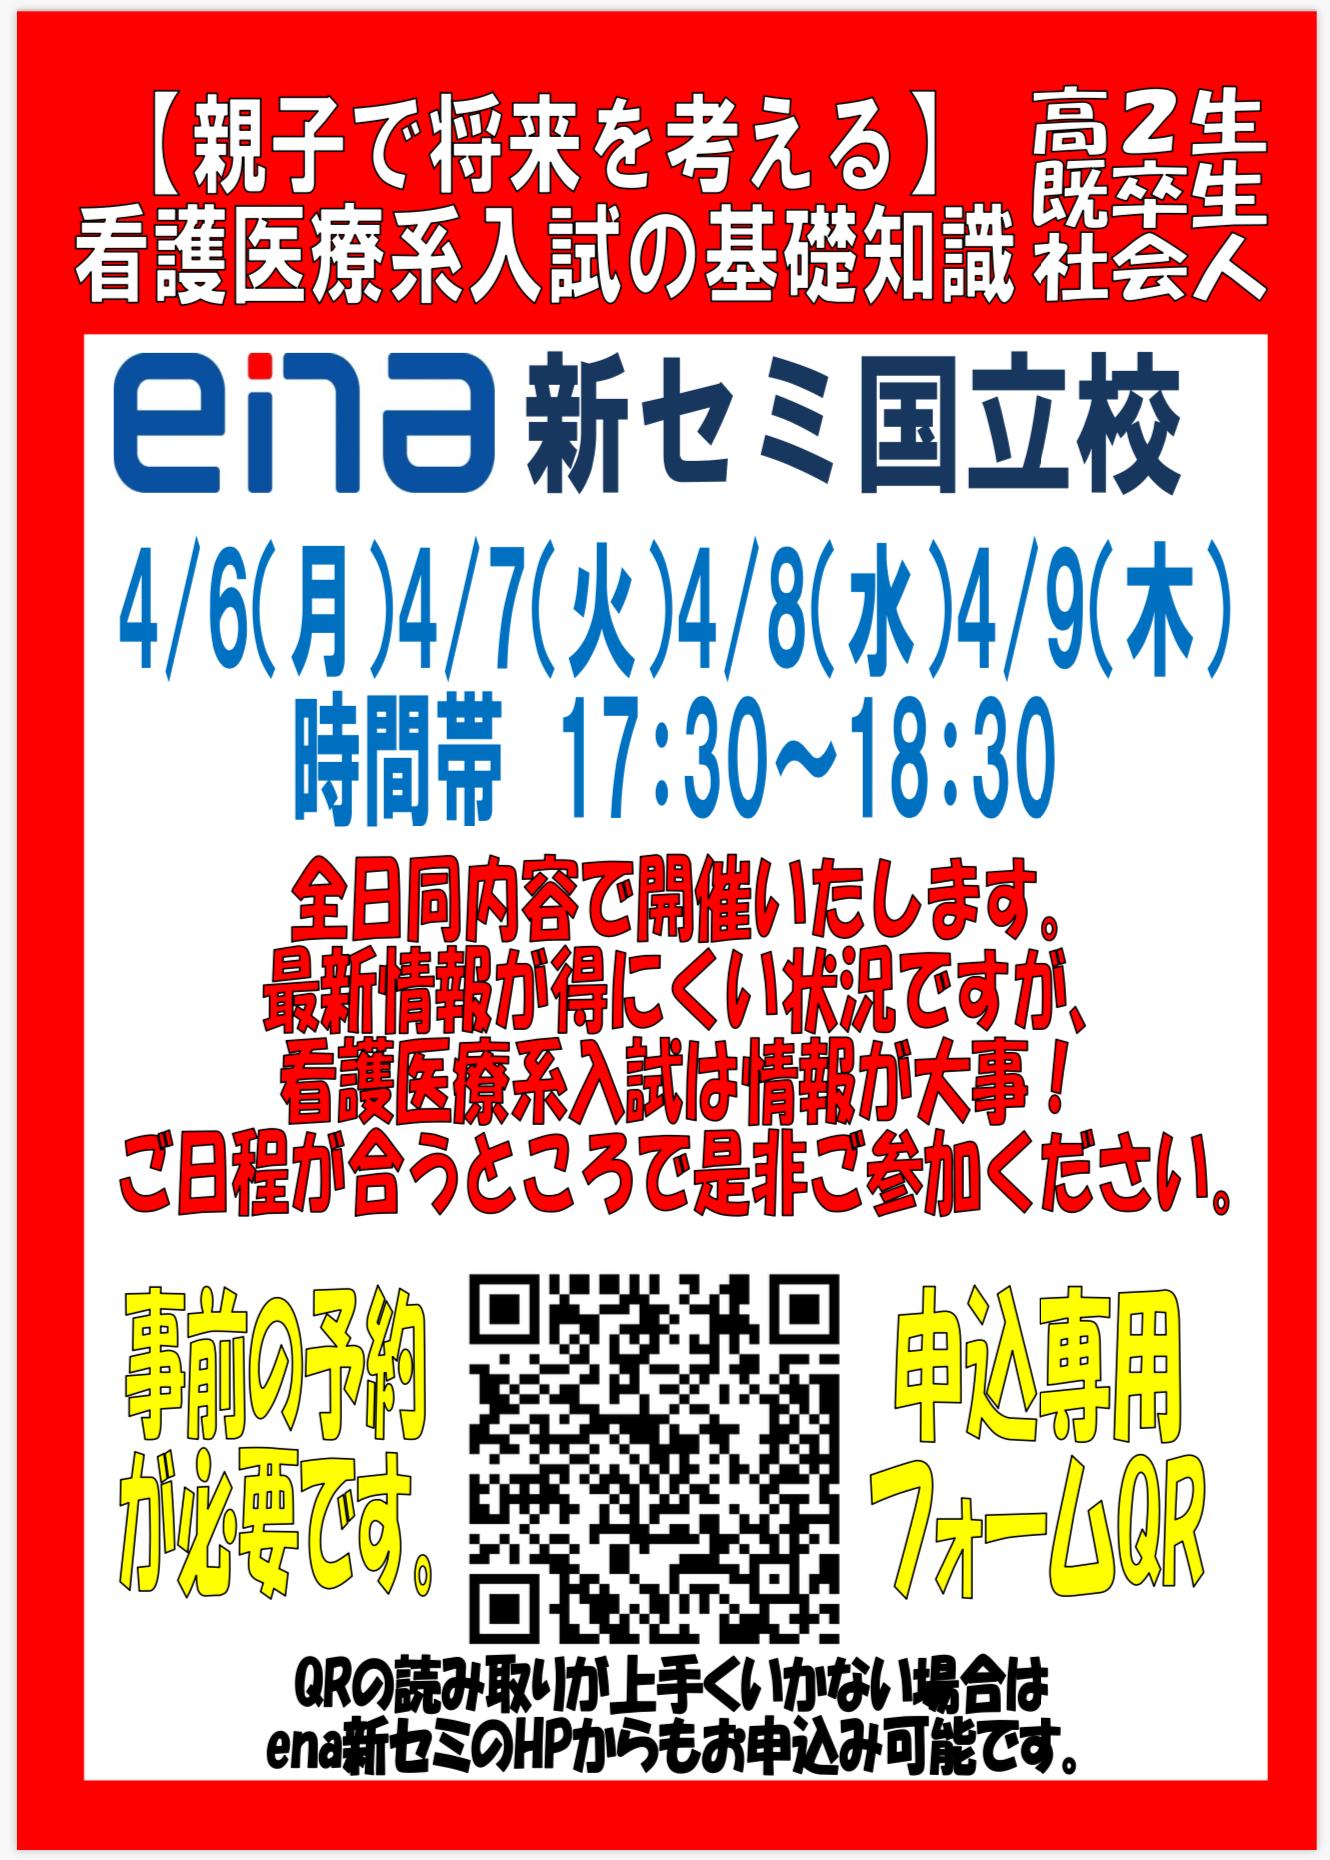 20200405_010537000_iOS